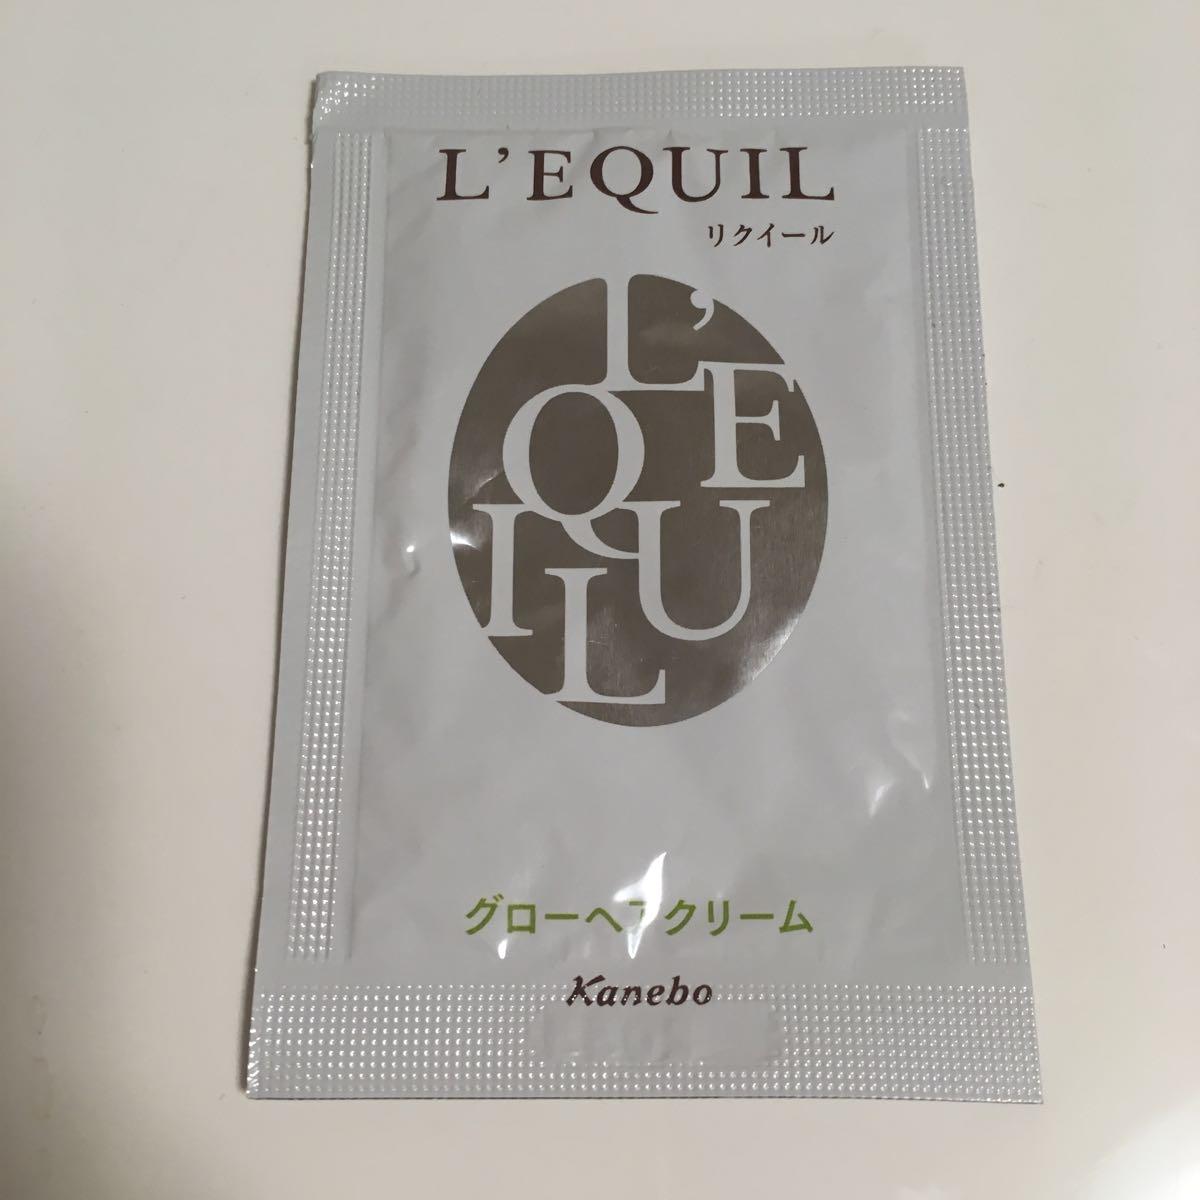 L'EQUIL リクイール グローヘアクリーム ヘアトリートメント 4ml 洗い流さないタイプ_画像1